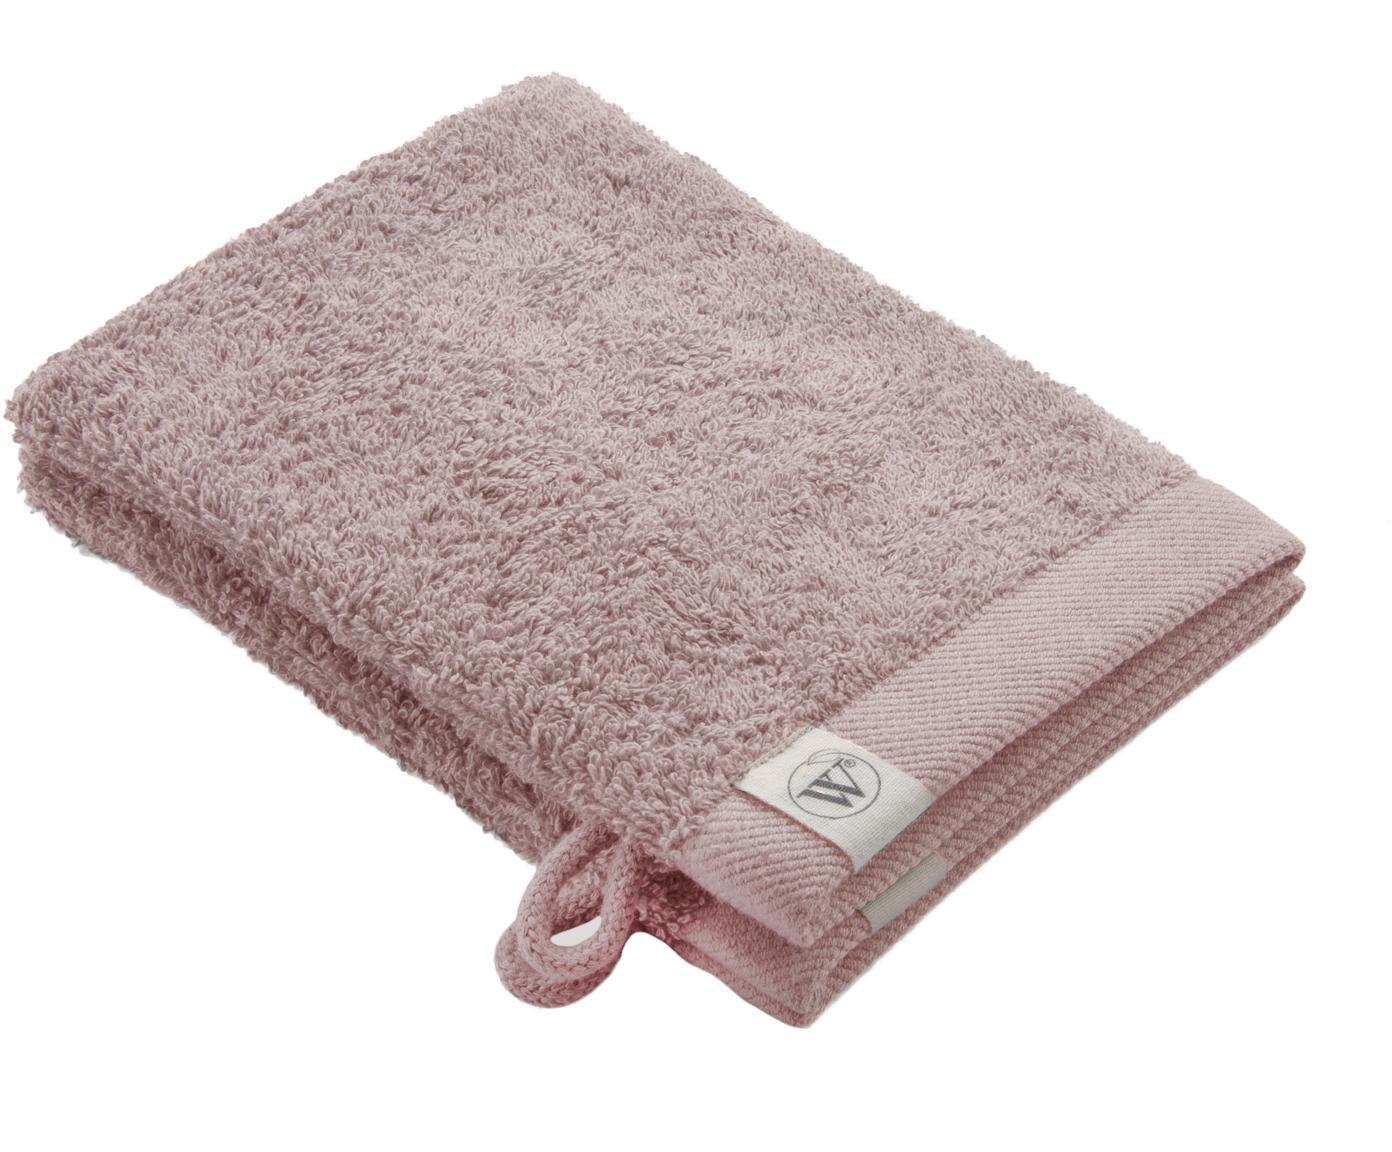 Guanto spugna da doccia/bagno Blend 2 pz, 65% cotone riciclato, 35% poliestere riciclato, Rosa cipria, Larg. 16 x Lung. 21 cm